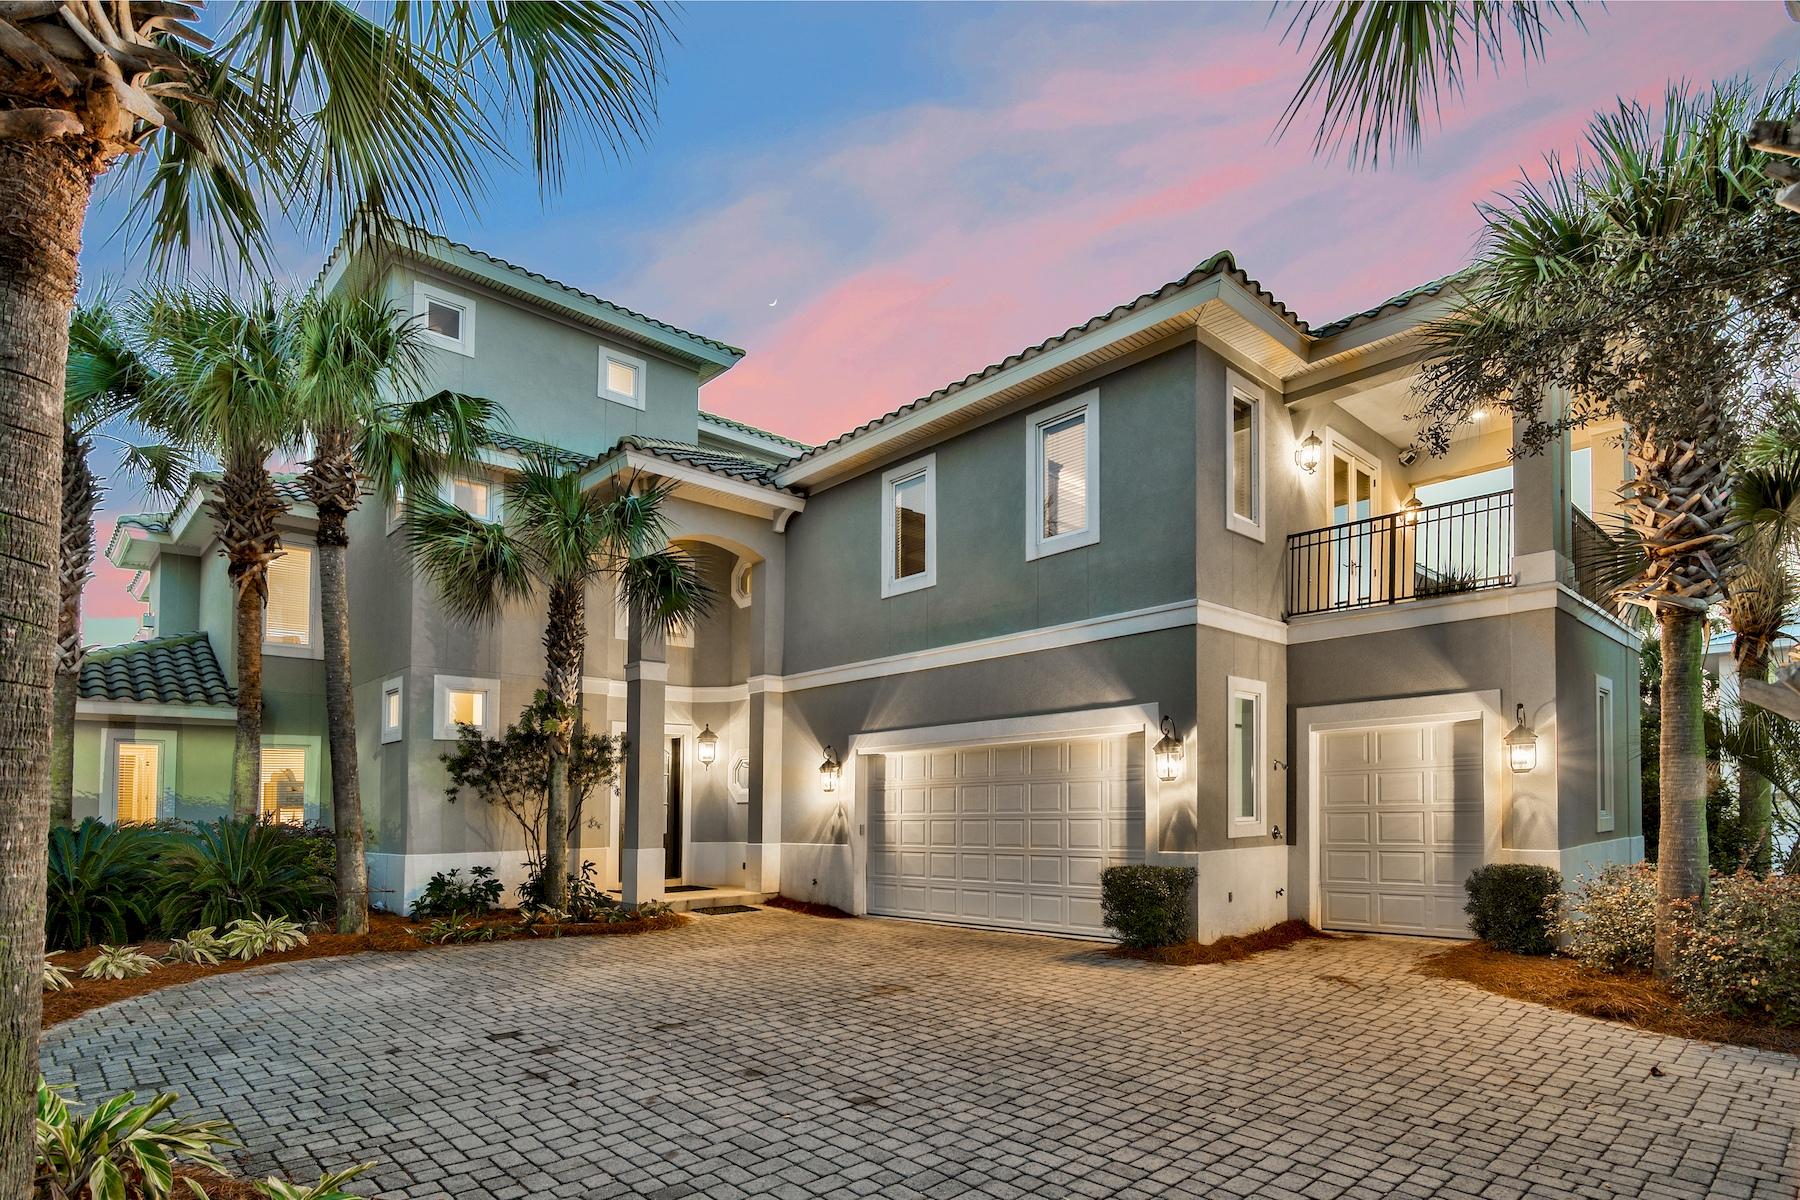 Moradia para Venda às Rental Machine in Gated Community with Gulf Views 52 Tranquility Lane, Destin, Florida, 32541 Estados Unidos